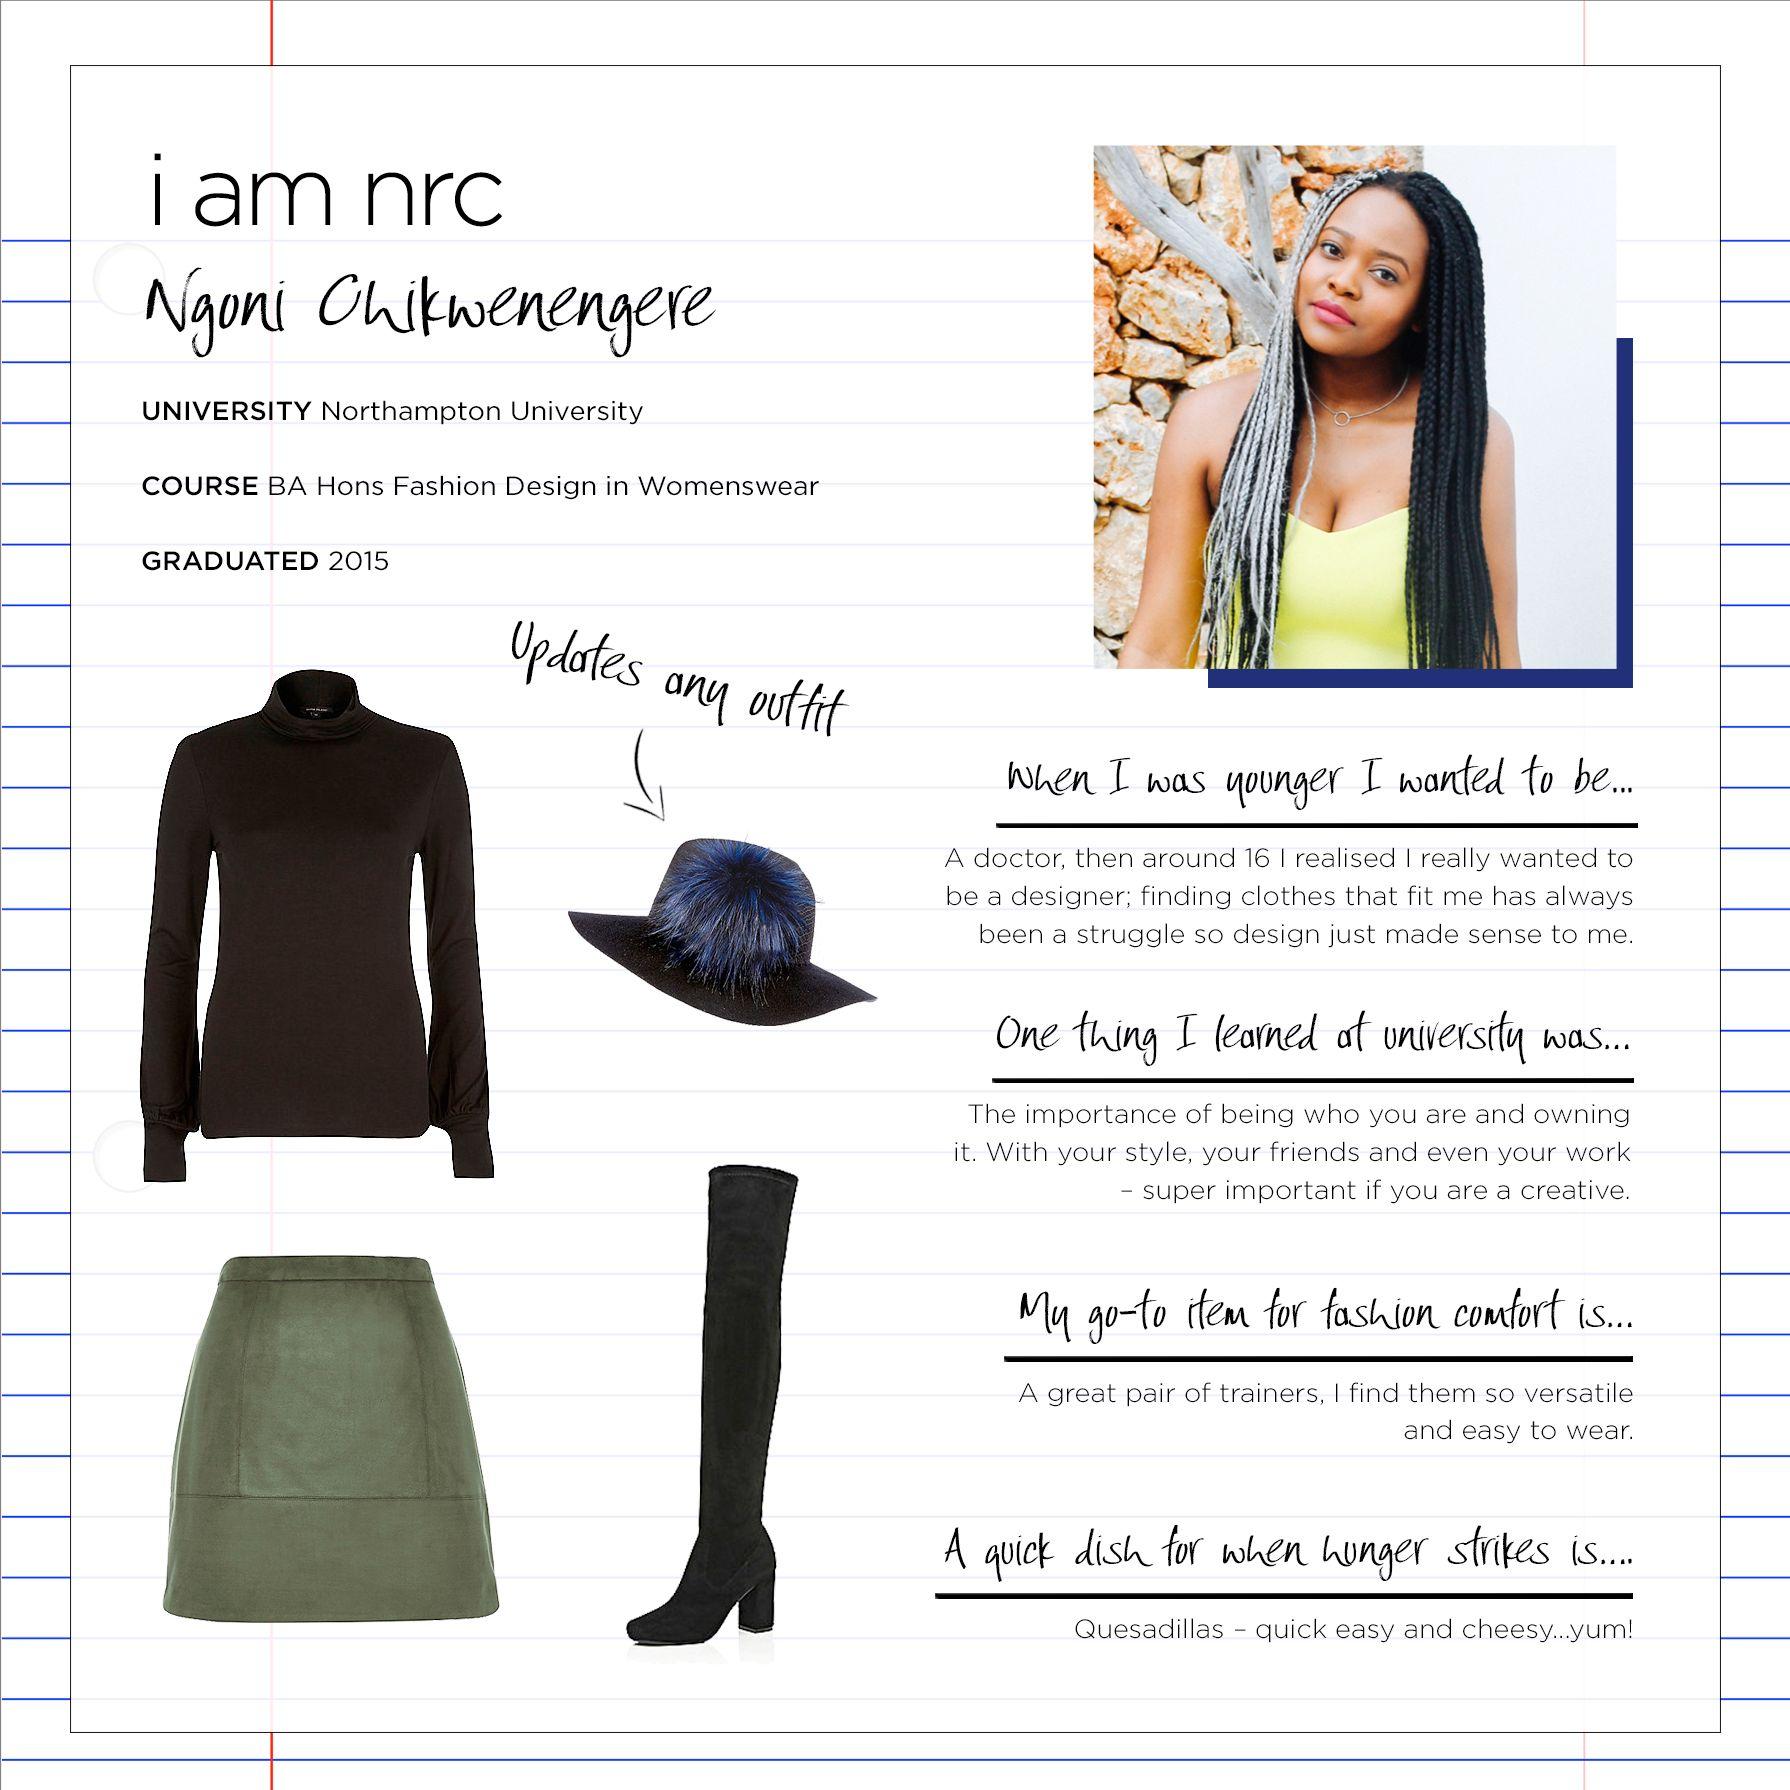 I AM NRC